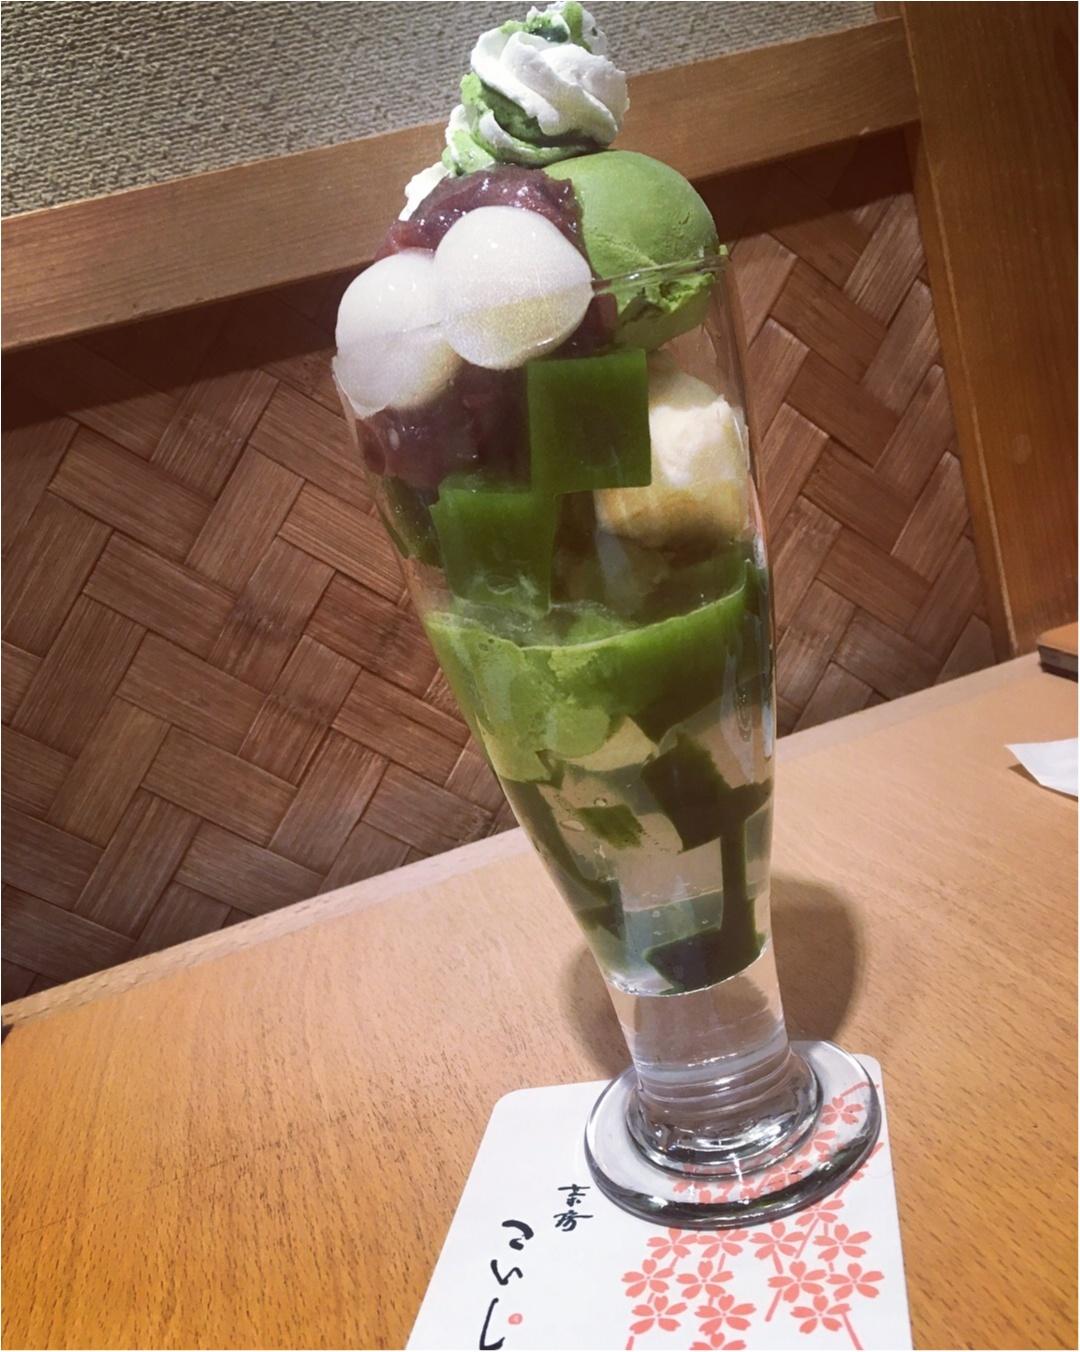 【京都】行ったら食べたい!わたしのオススメスイーツトップ3★_1